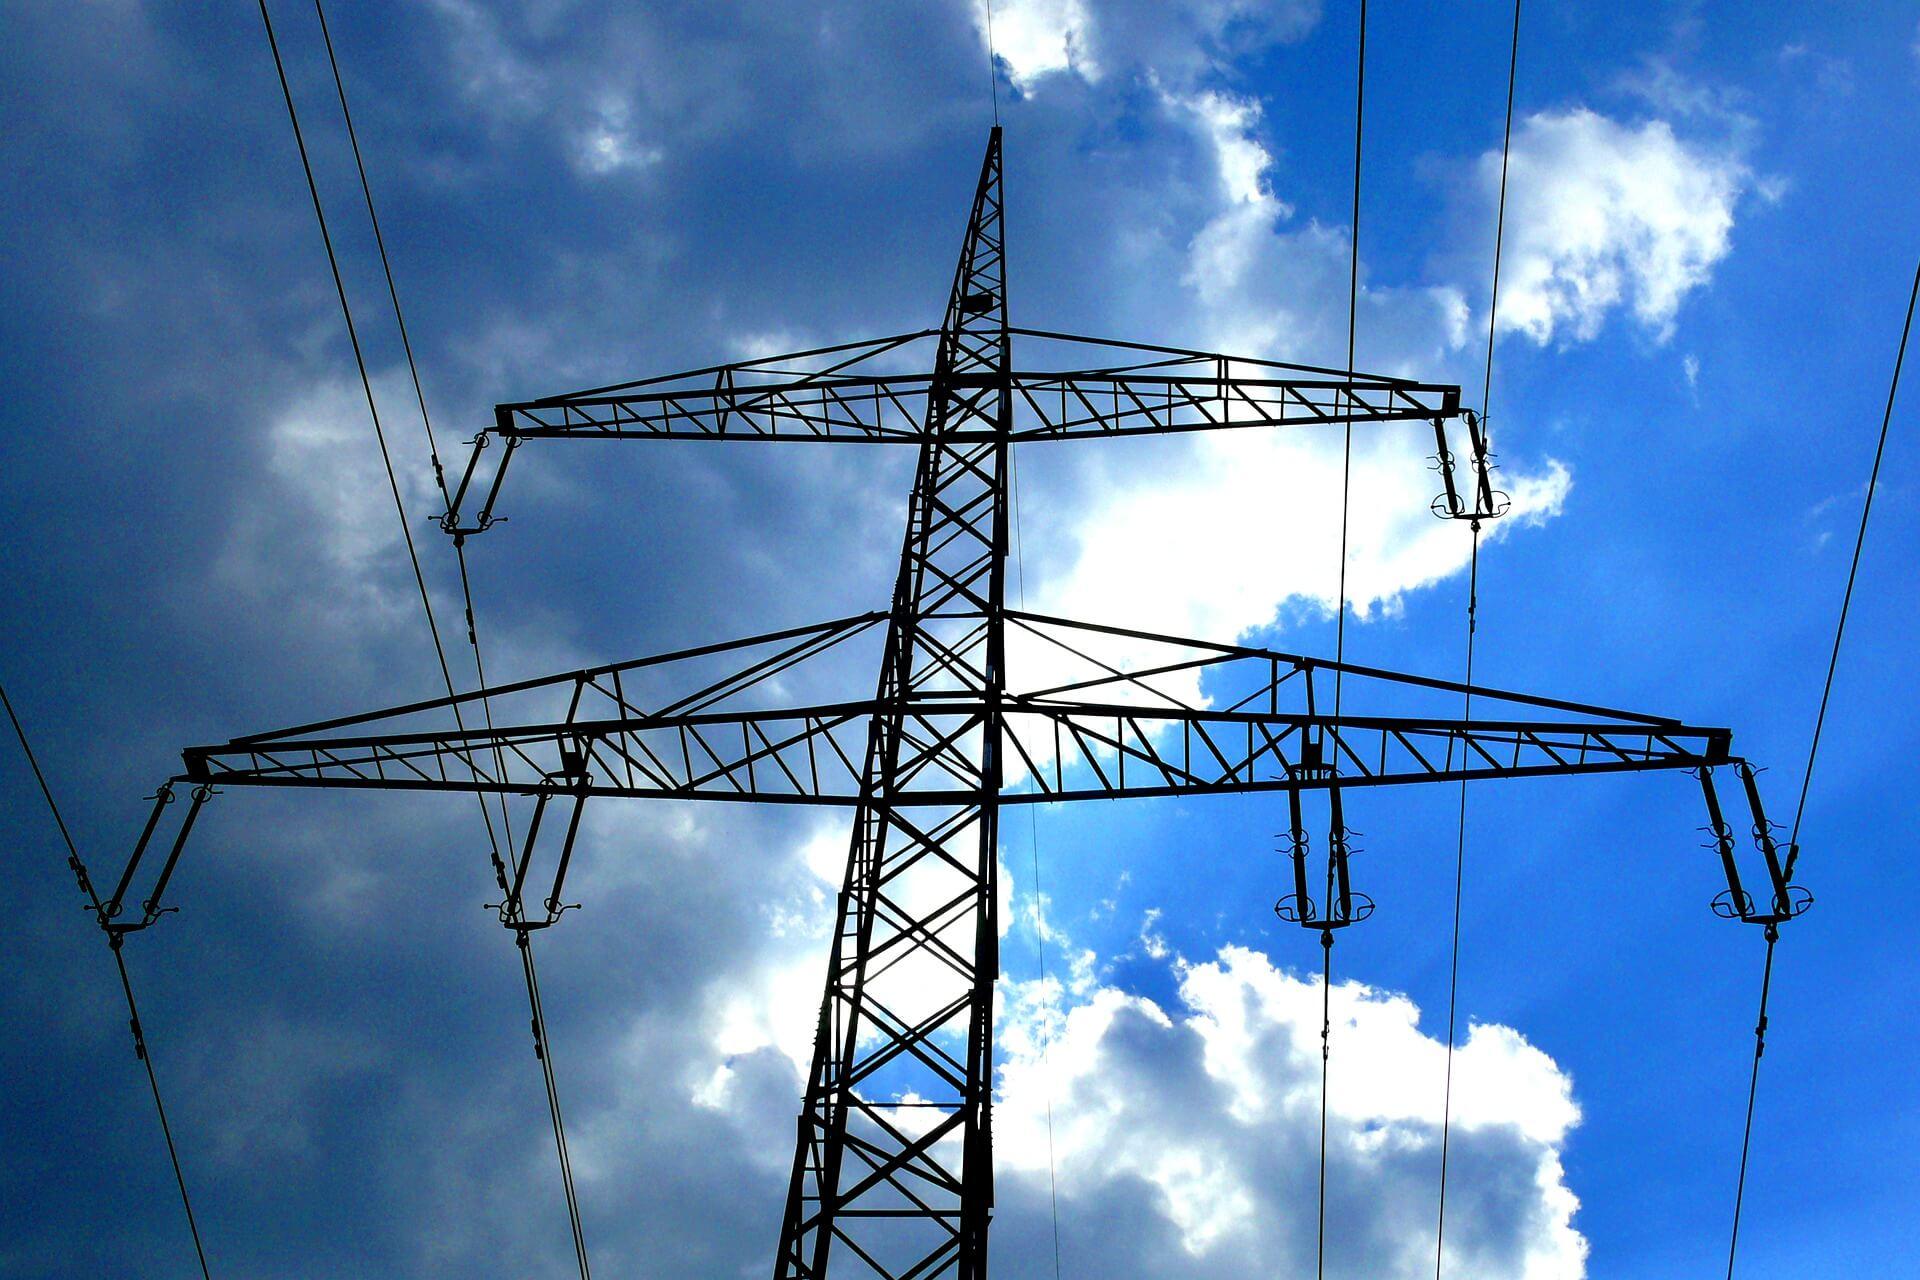 Διακοπή ρεύματος: Οι περιοχές που δεν θα έχουν ρεύμα την Τετάρτη